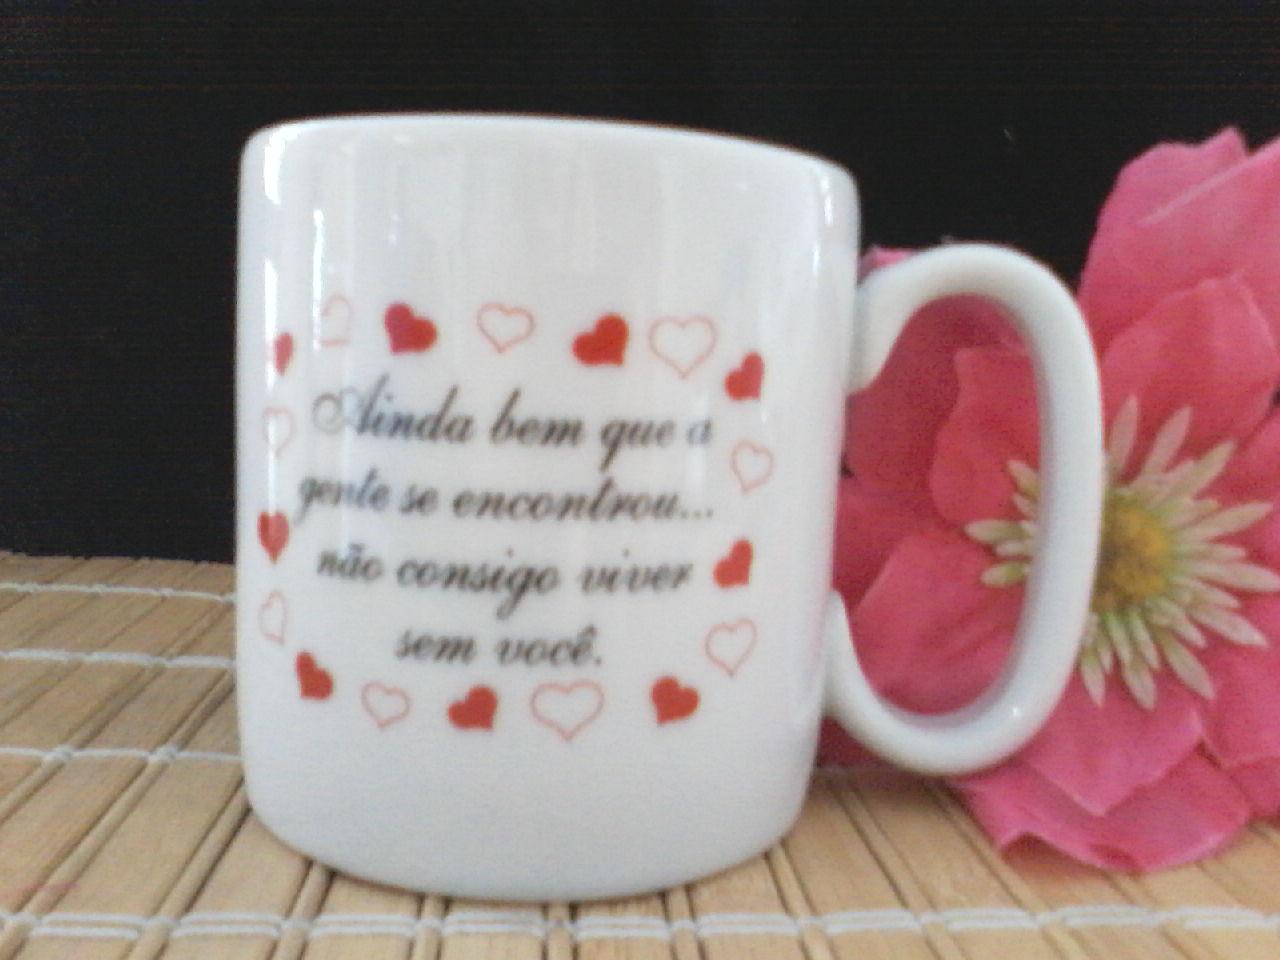 Caneca Frase De Amor No Elo7 Cor E Arte Presentes Criativos 531b25